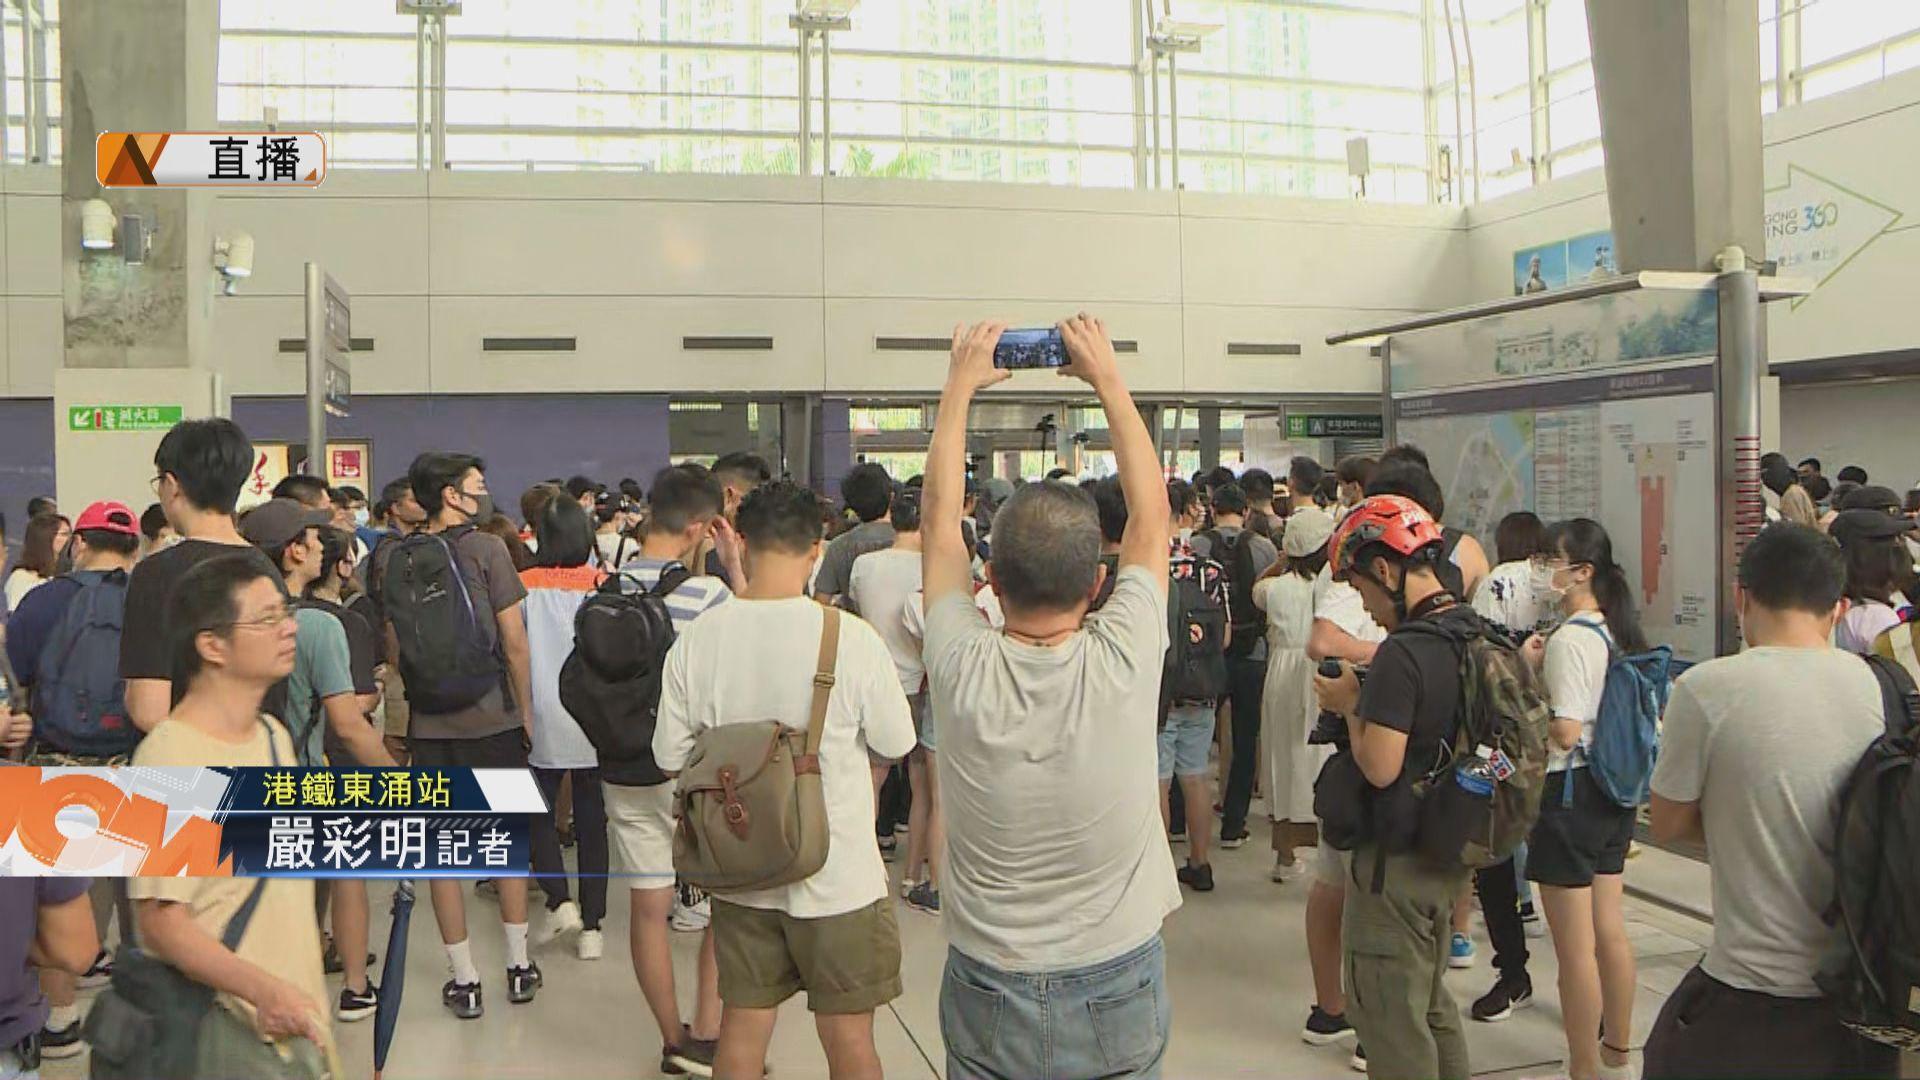 【現場報道‧東涌】陸續有市民在東涌站聚集